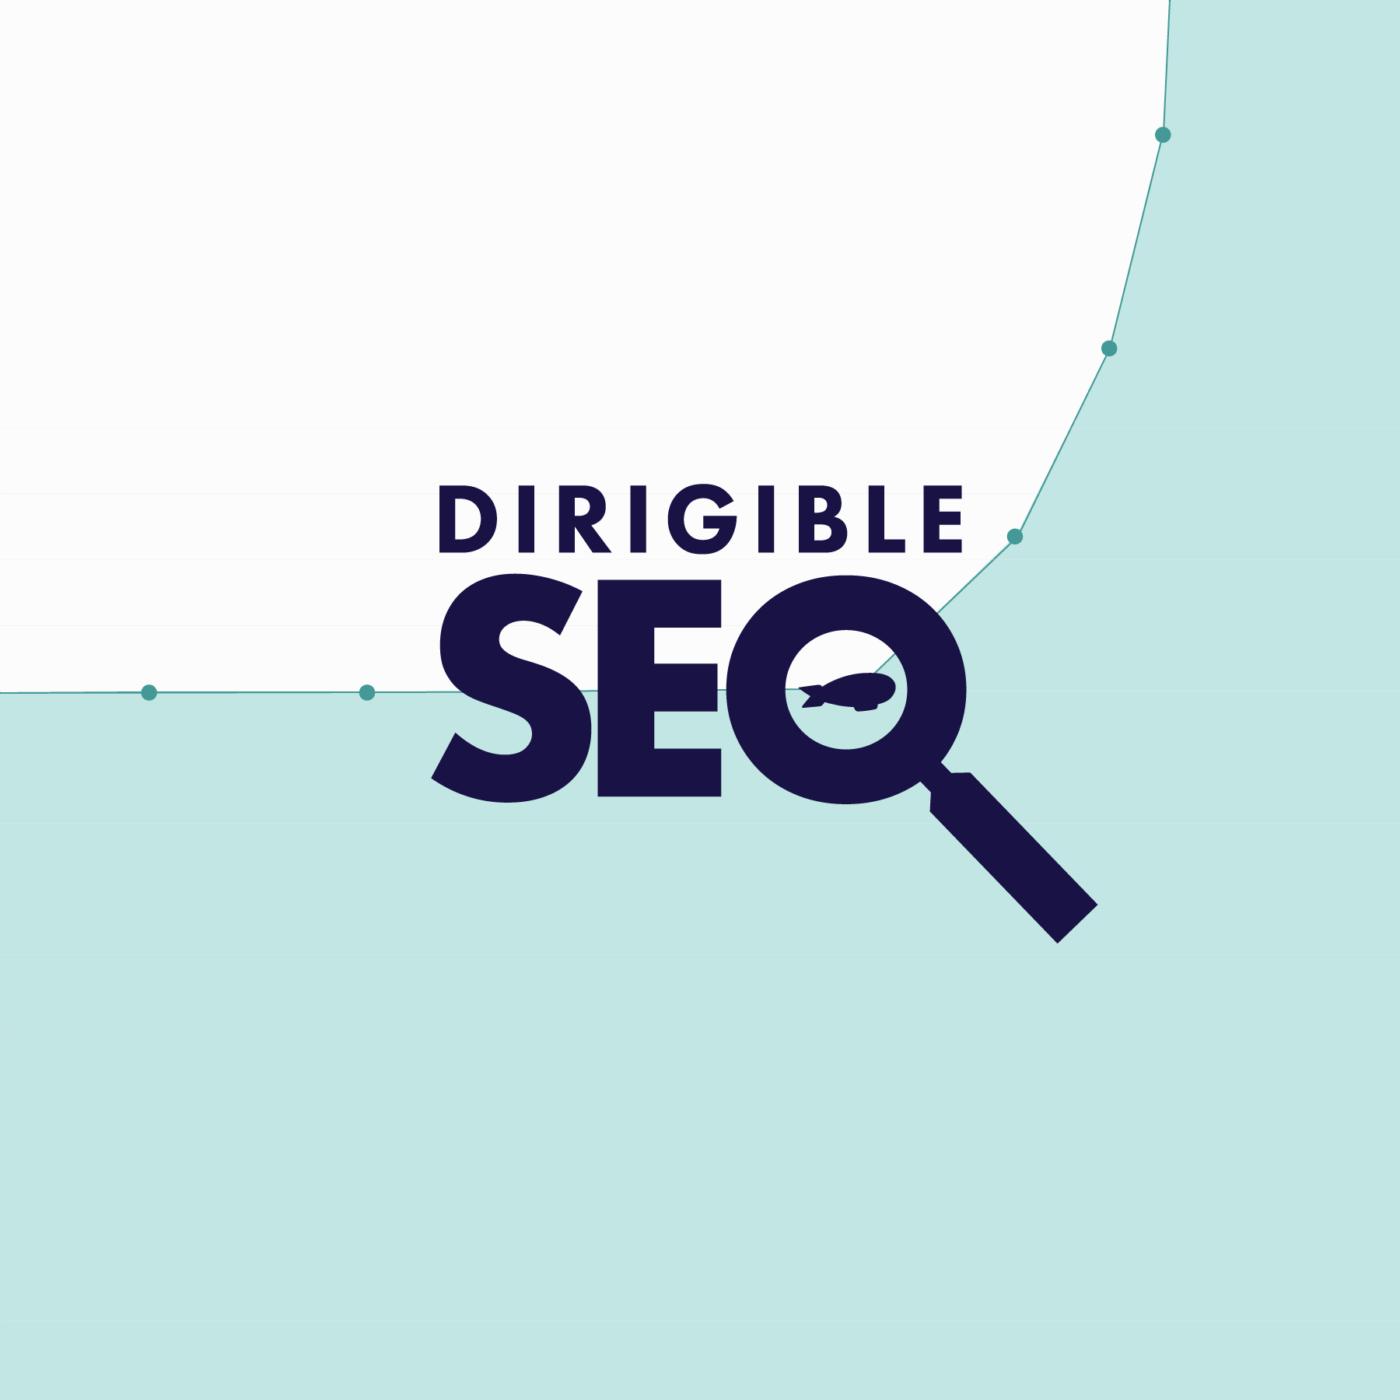 Dirigible Simple SEO plugin